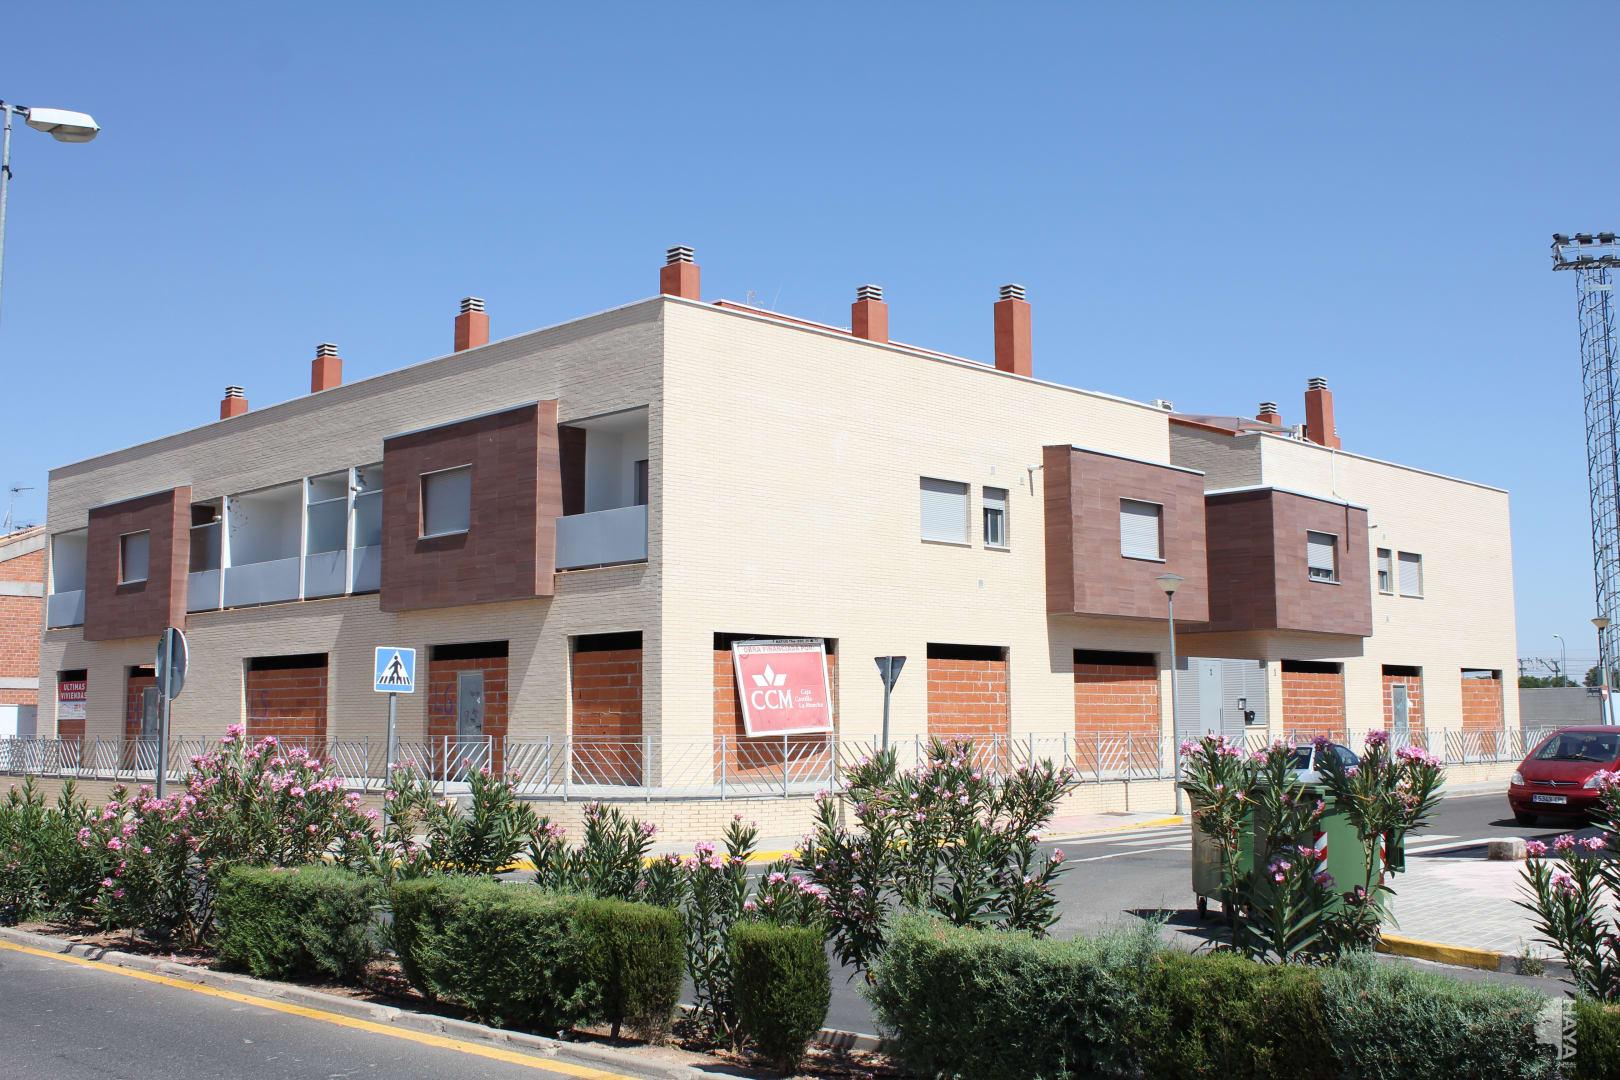 Piso en venta en Miguelturra, Ciudad Real, Calle Chavela Vargas, 50.025 €, 3 habitaciones, 1 baño, 118 m2